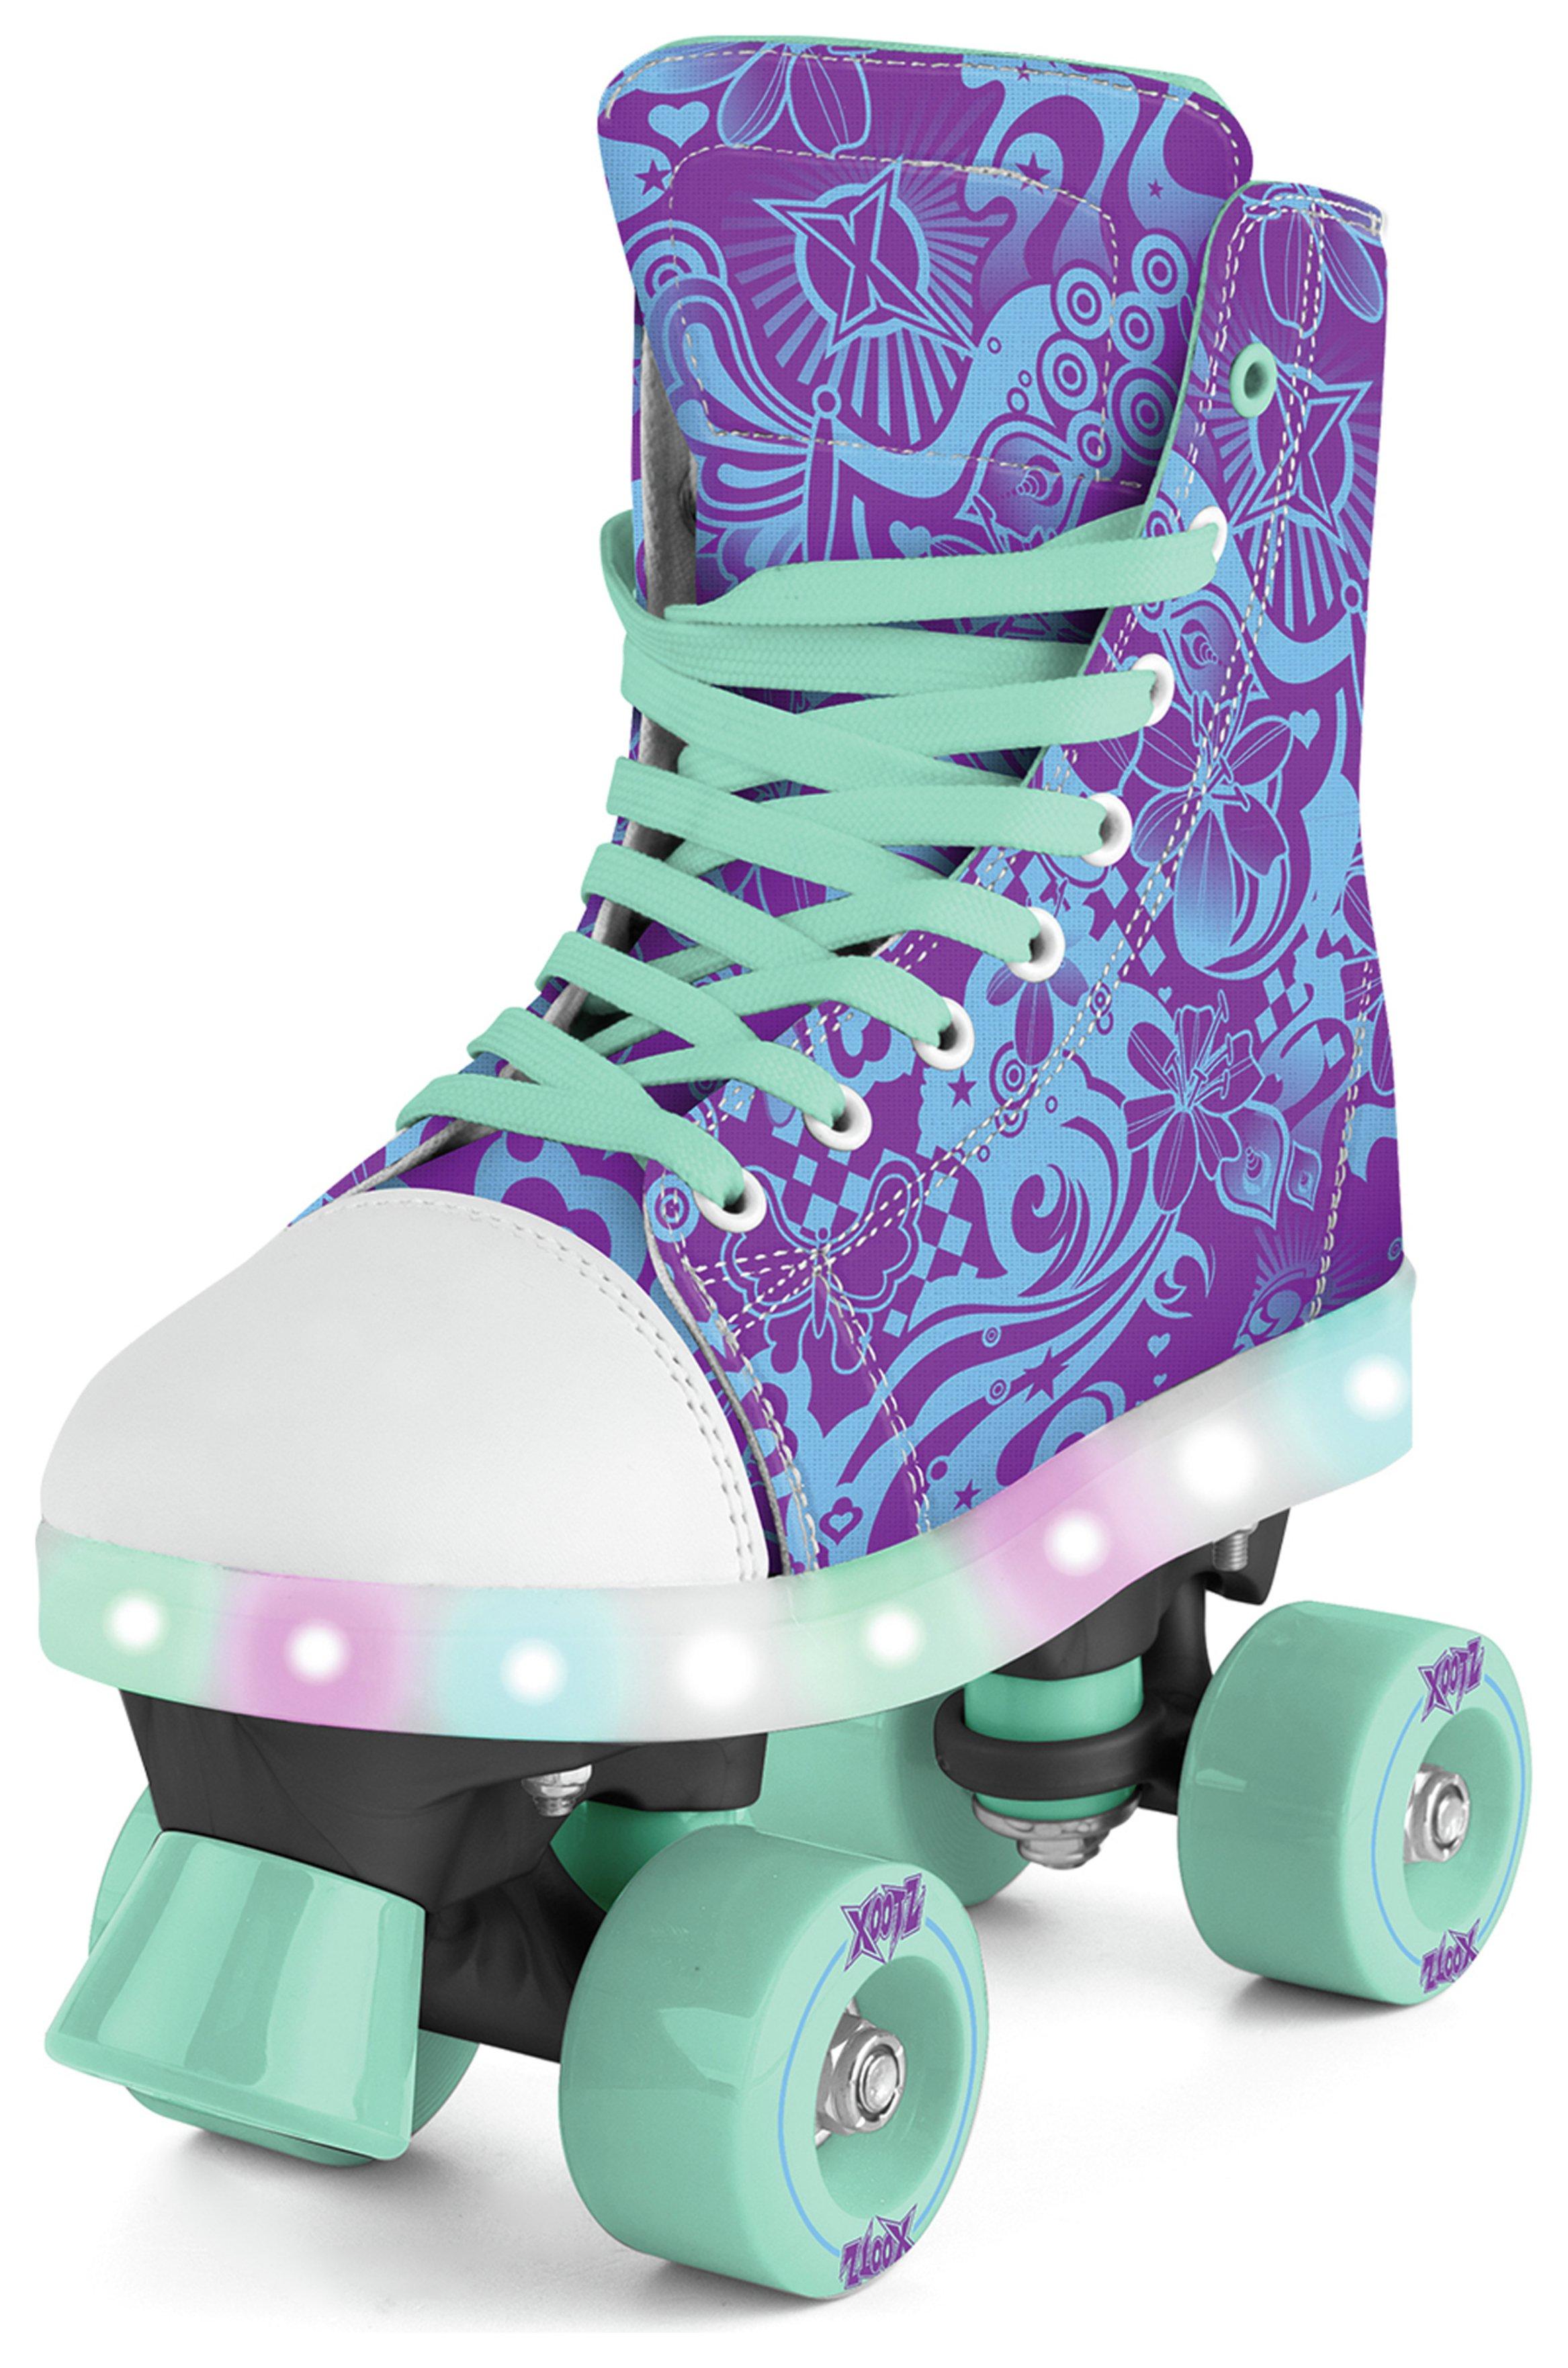 Xootz LED Quad Skates - Size 2